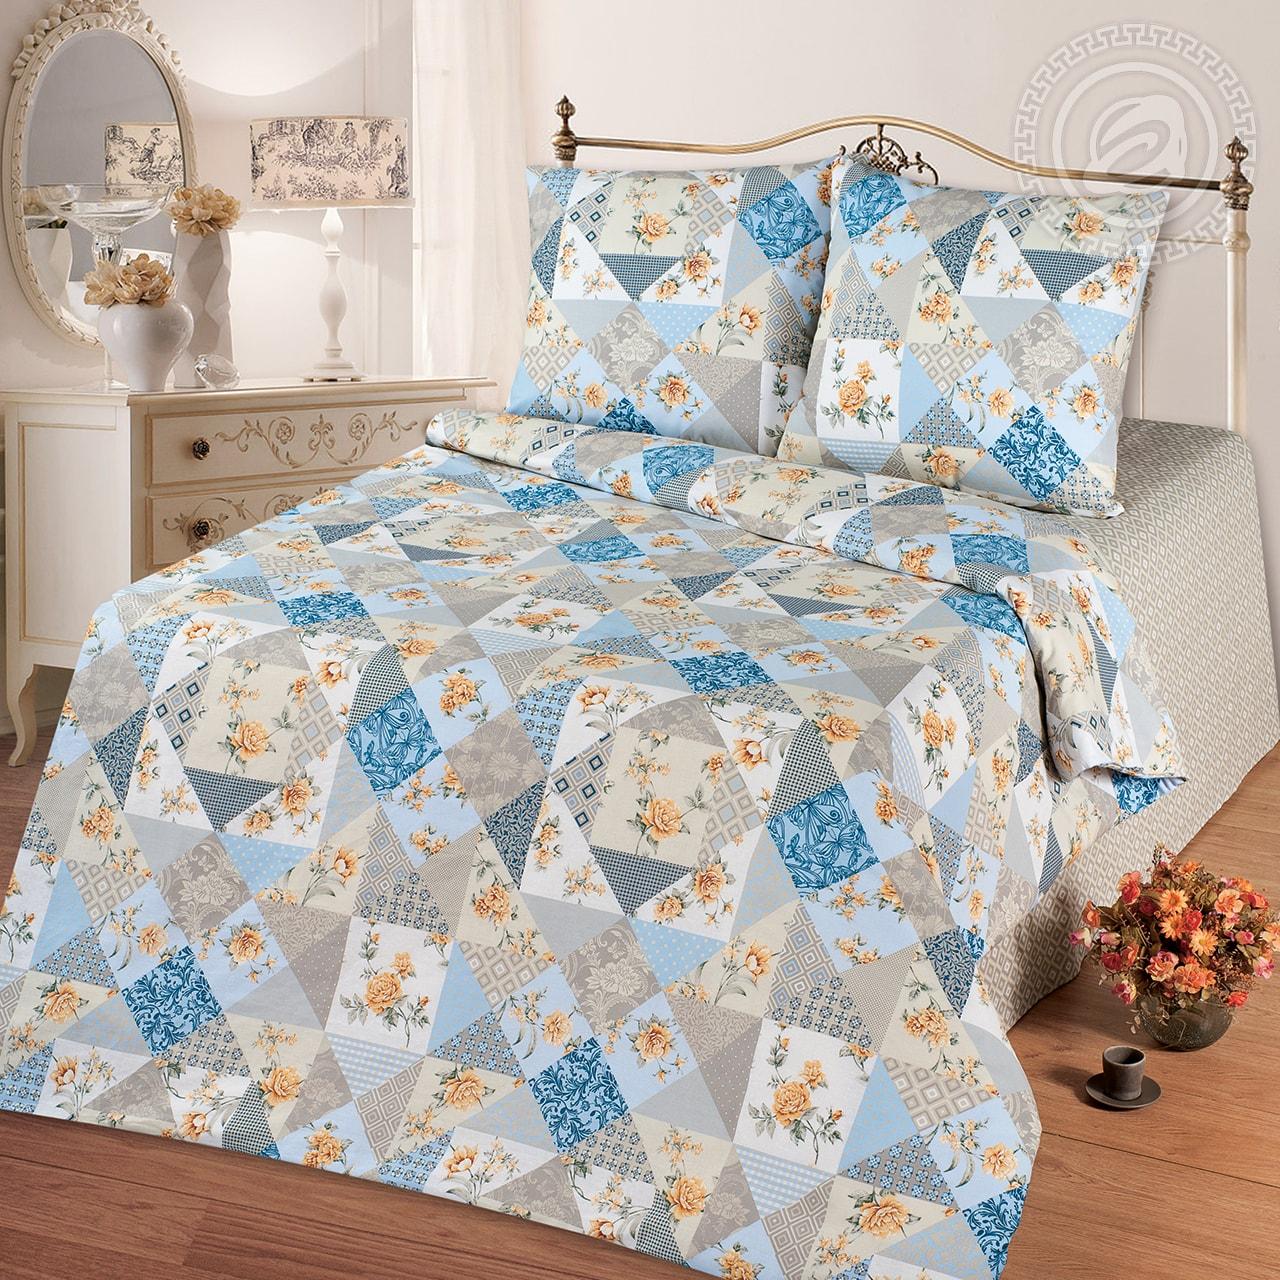 Постельное белье Лоскутная мозаика голубой (бязь) (1,5 спальный) постельное белье лазурит голубой бязь 1 5 спальный